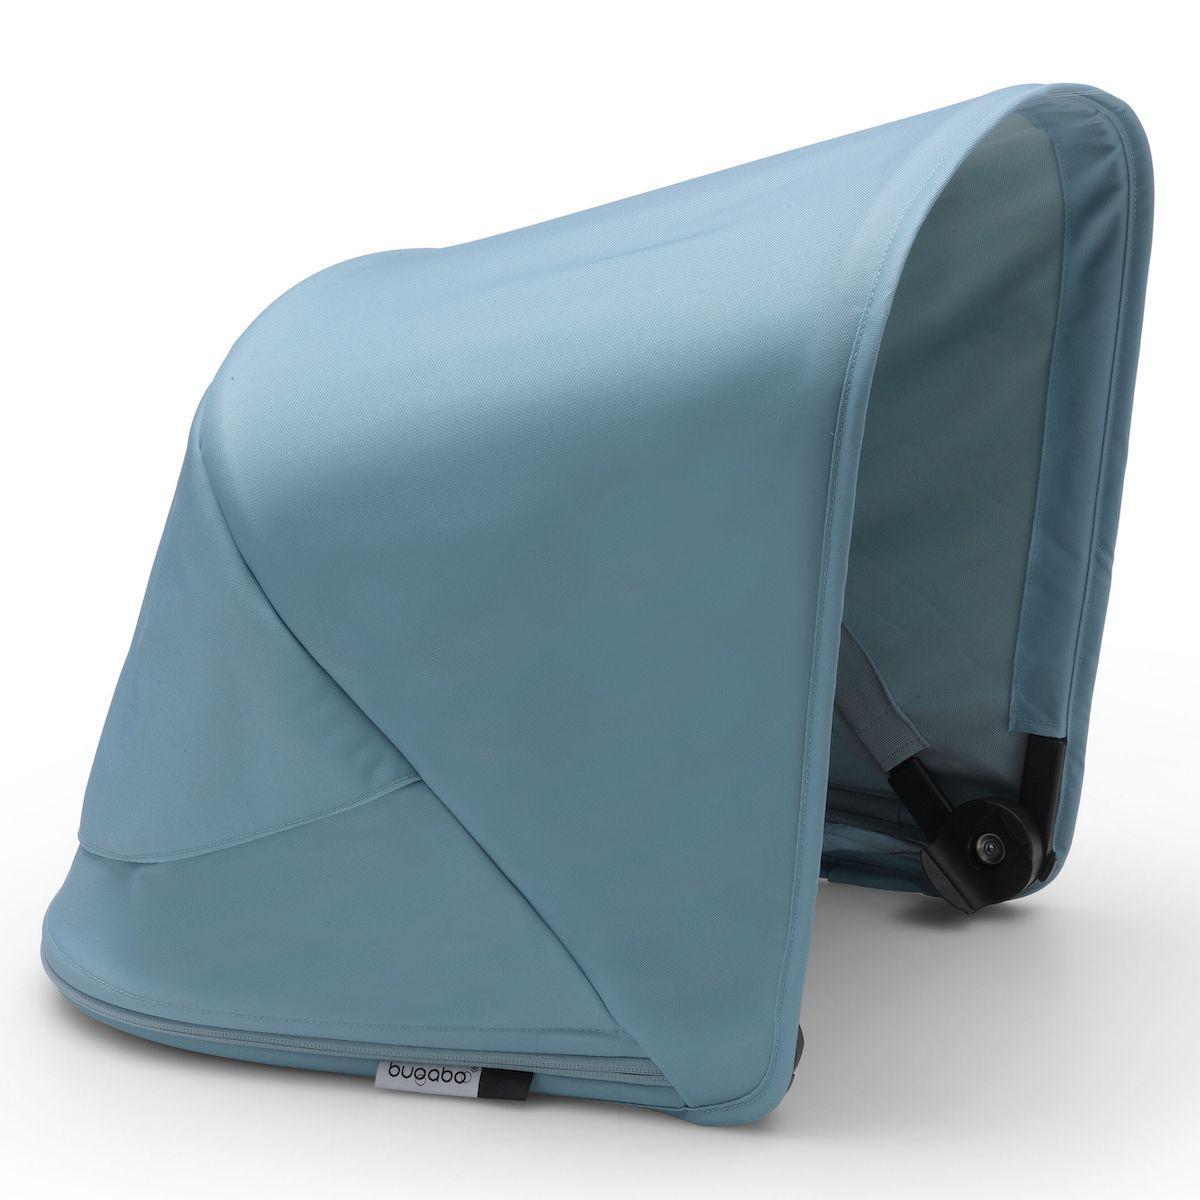 Capote FOX2/CAMELEON3/LYNX Bugaboo vapor blue